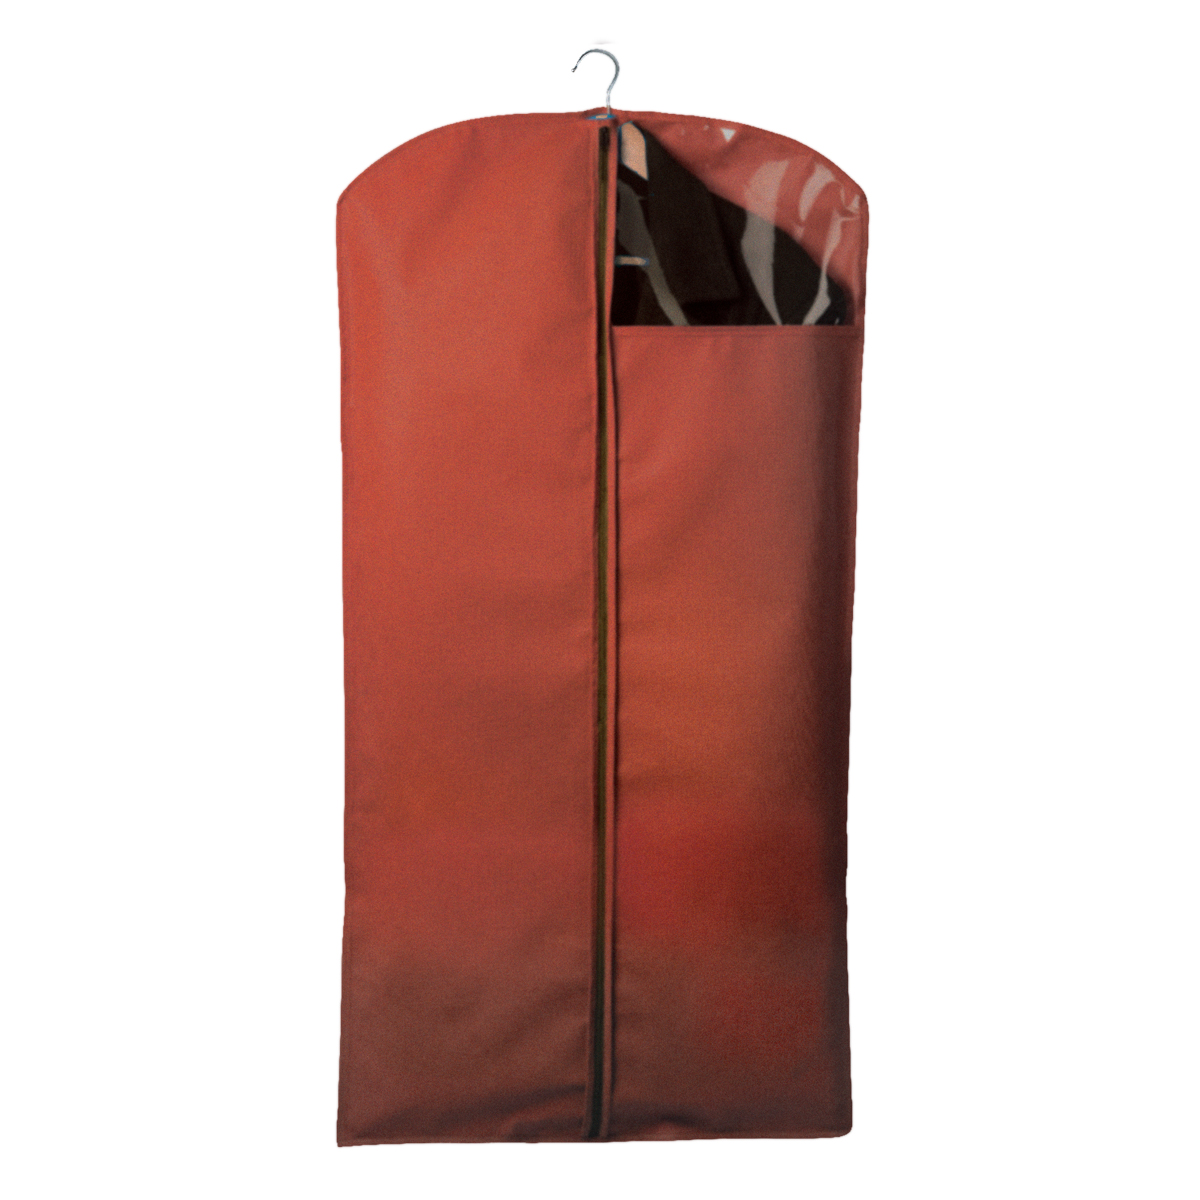 Чехол для одежды Miolla, с окошком, цвет: бордовый, 120 х 60 см1004900000360Чехол для костюмов и платьев Miolla на застежке-молнии выполнен из высококачественного нетканого материала. Прозрачное полиэтиленовое окошко позволяет видеть содержимое чехла. Подходит для длительного хранения вещей.Чехол обеспечивает вашей одежде надежную защиту от влажности, повреждений и грязи при транспортировке, от запыления при хранении и проникновения моли. Чехол обладает водоотталкивающими свойствами, а также позволяет воздуху свободно поступать внутрь вещей, обеспечивая их кондиционирование. Размер чехла: 120 х 60 см.